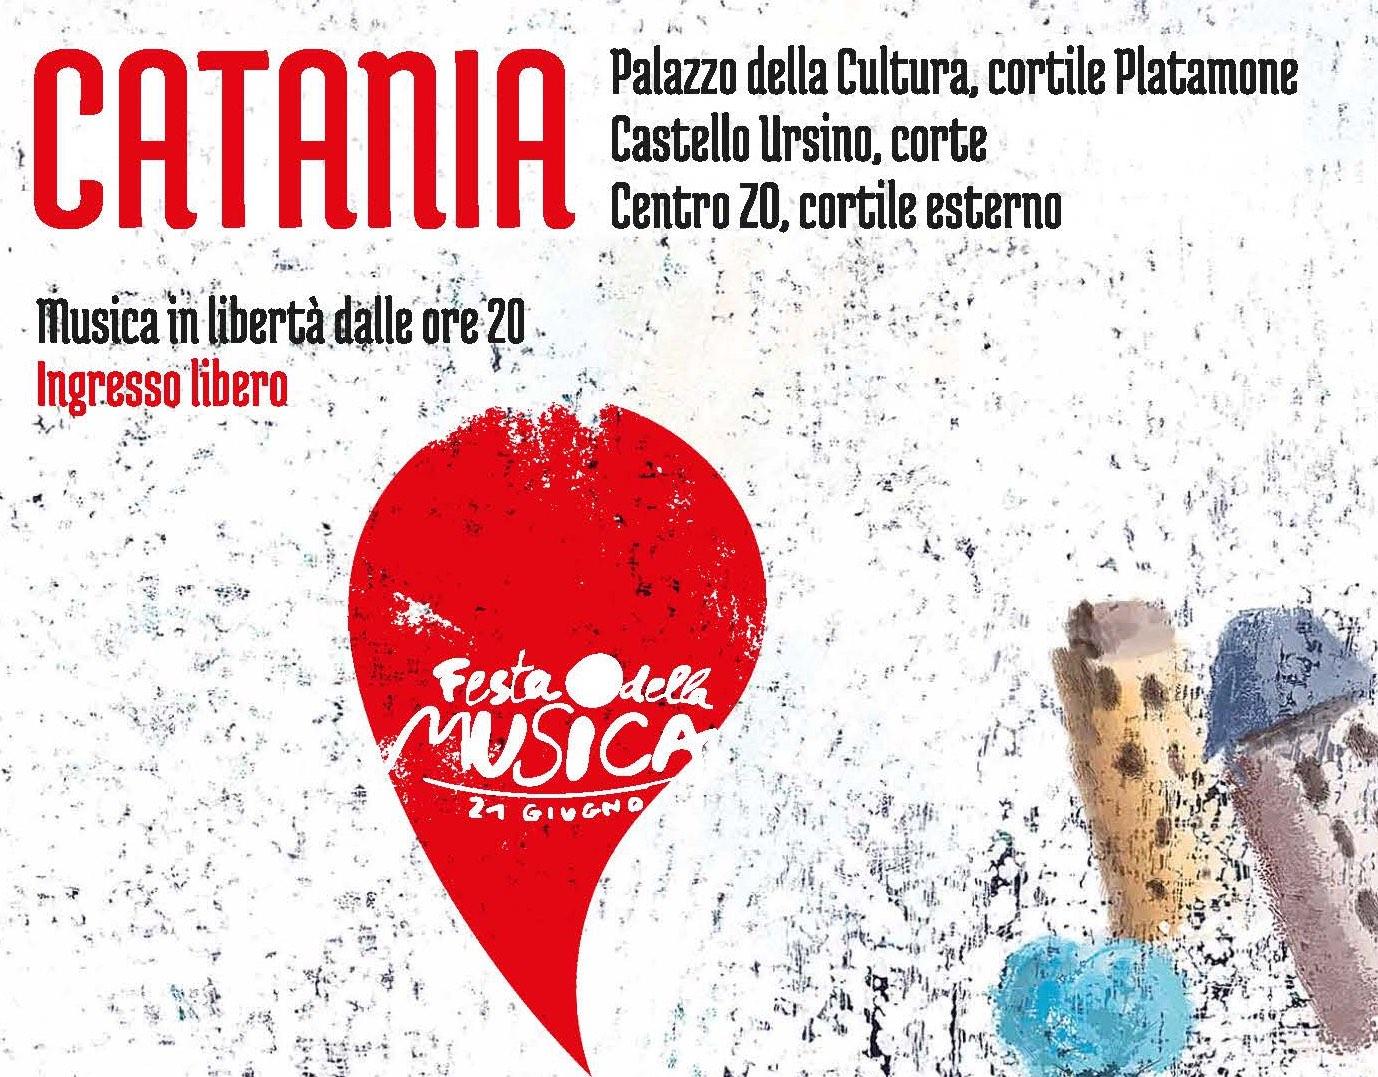 21 giugno – Festa della Musica europea a Catania